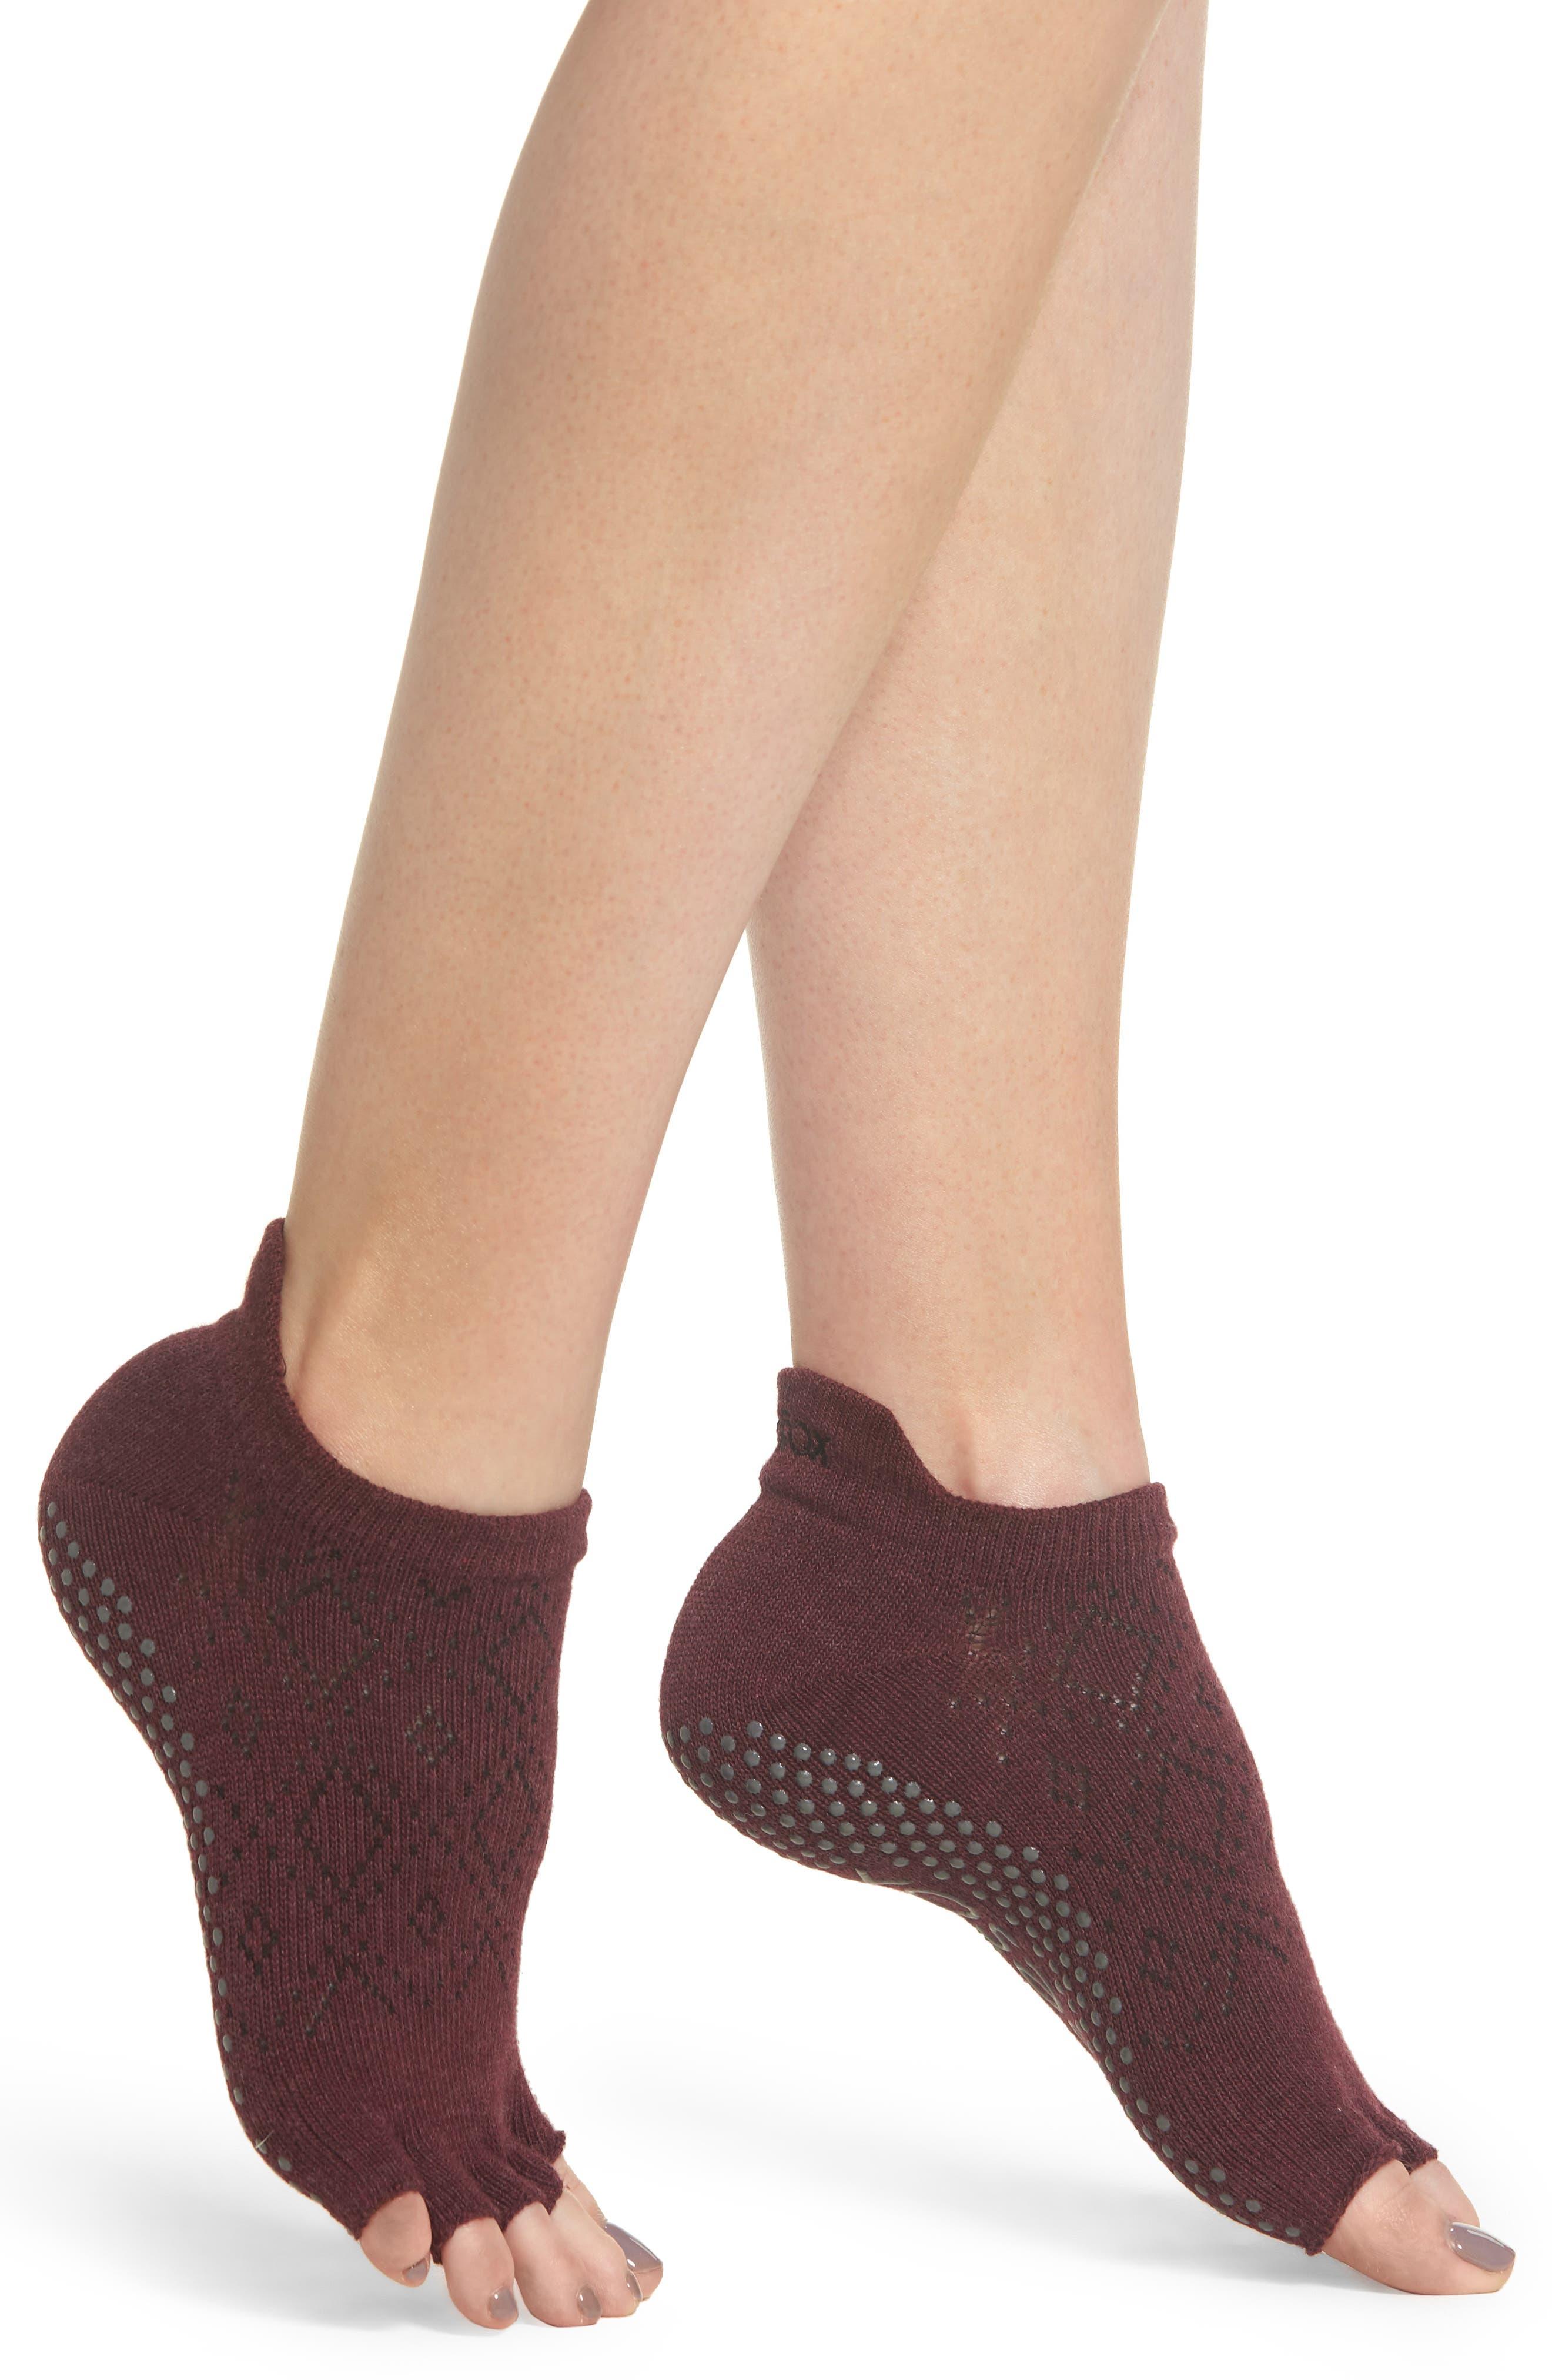 TOESOX Low Rise Half-Toe Gripper Socks in Vixen